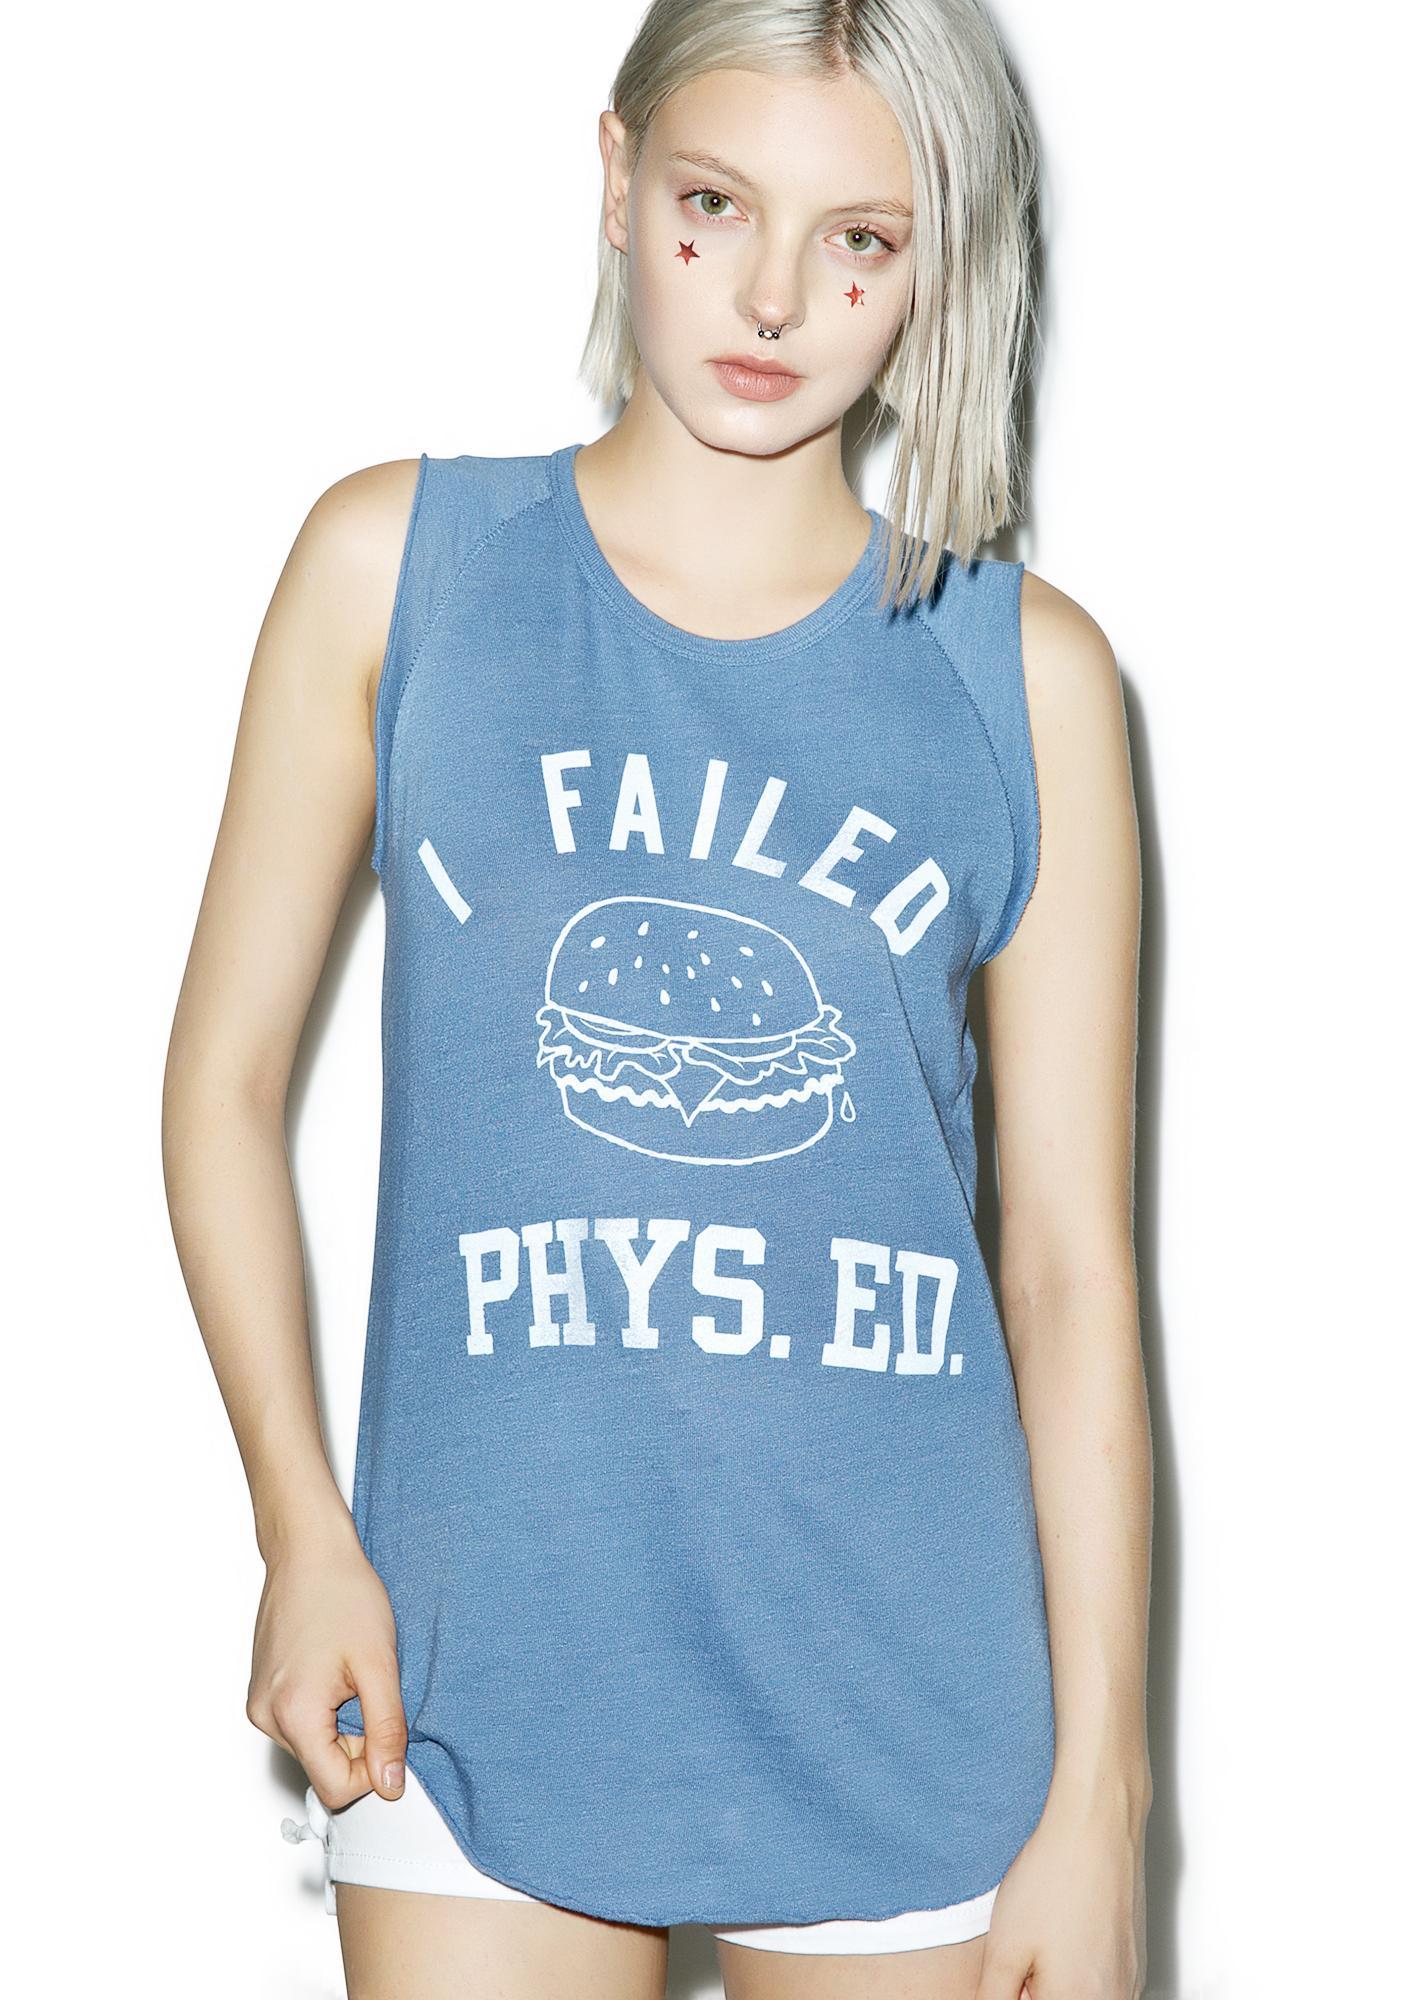 Junk Food Clothing I Failed Phys. Ed Tank